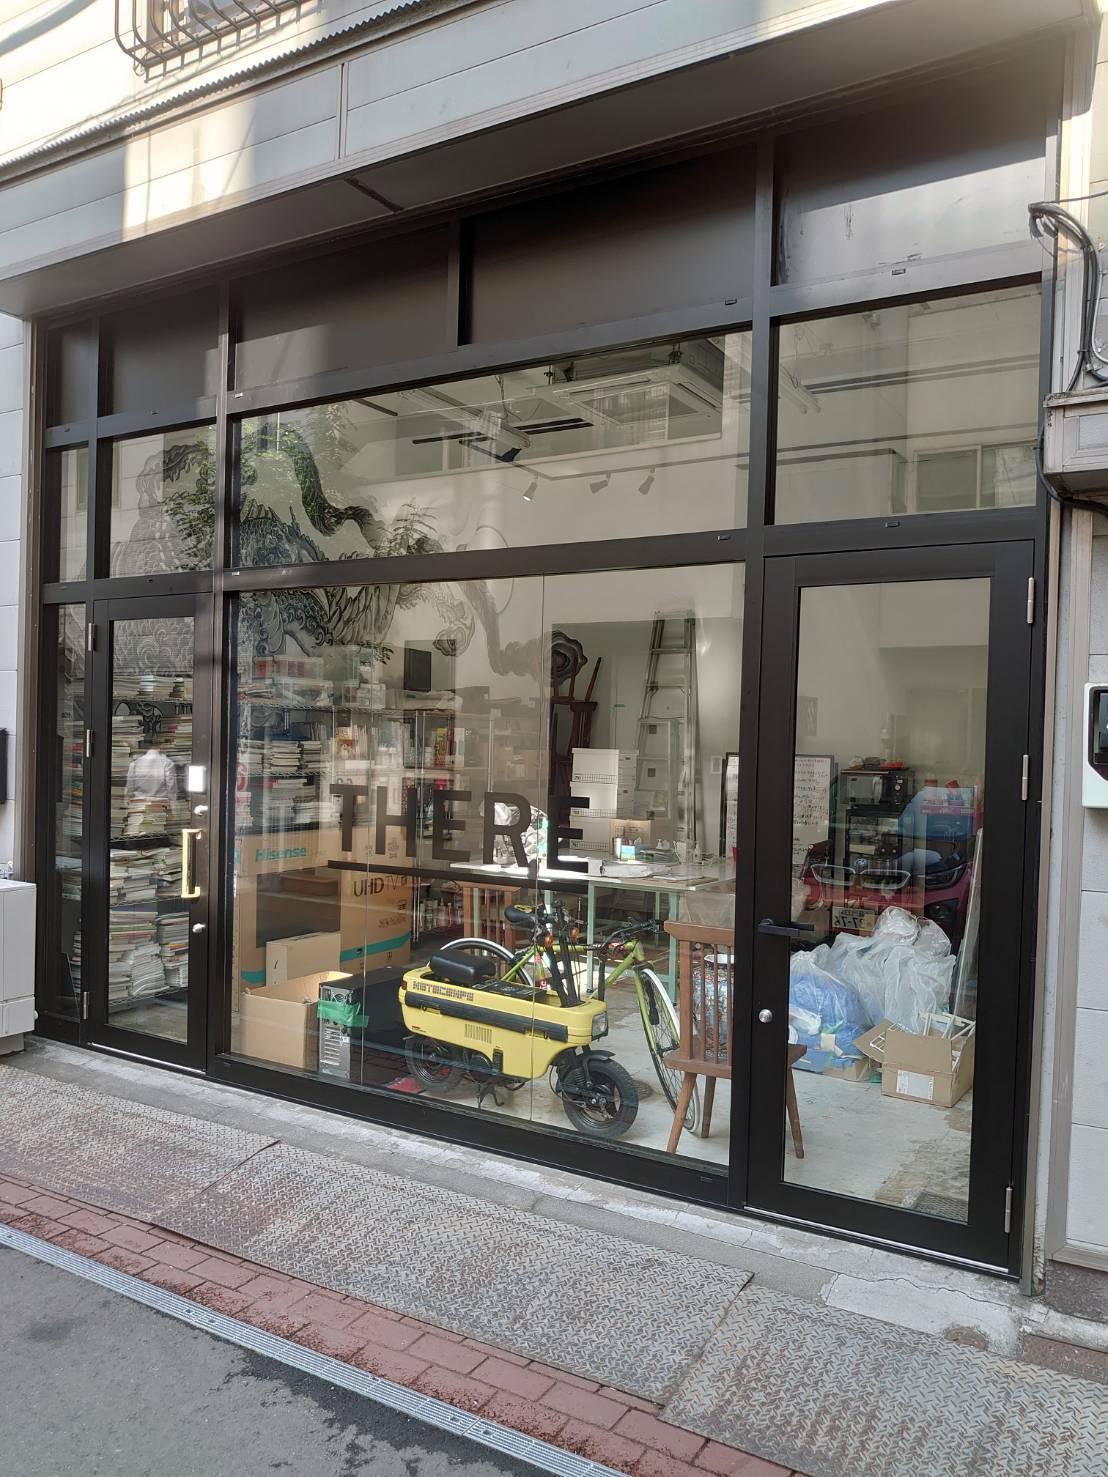 アルミフロント カバー工法|東京都港区芝某事務所様